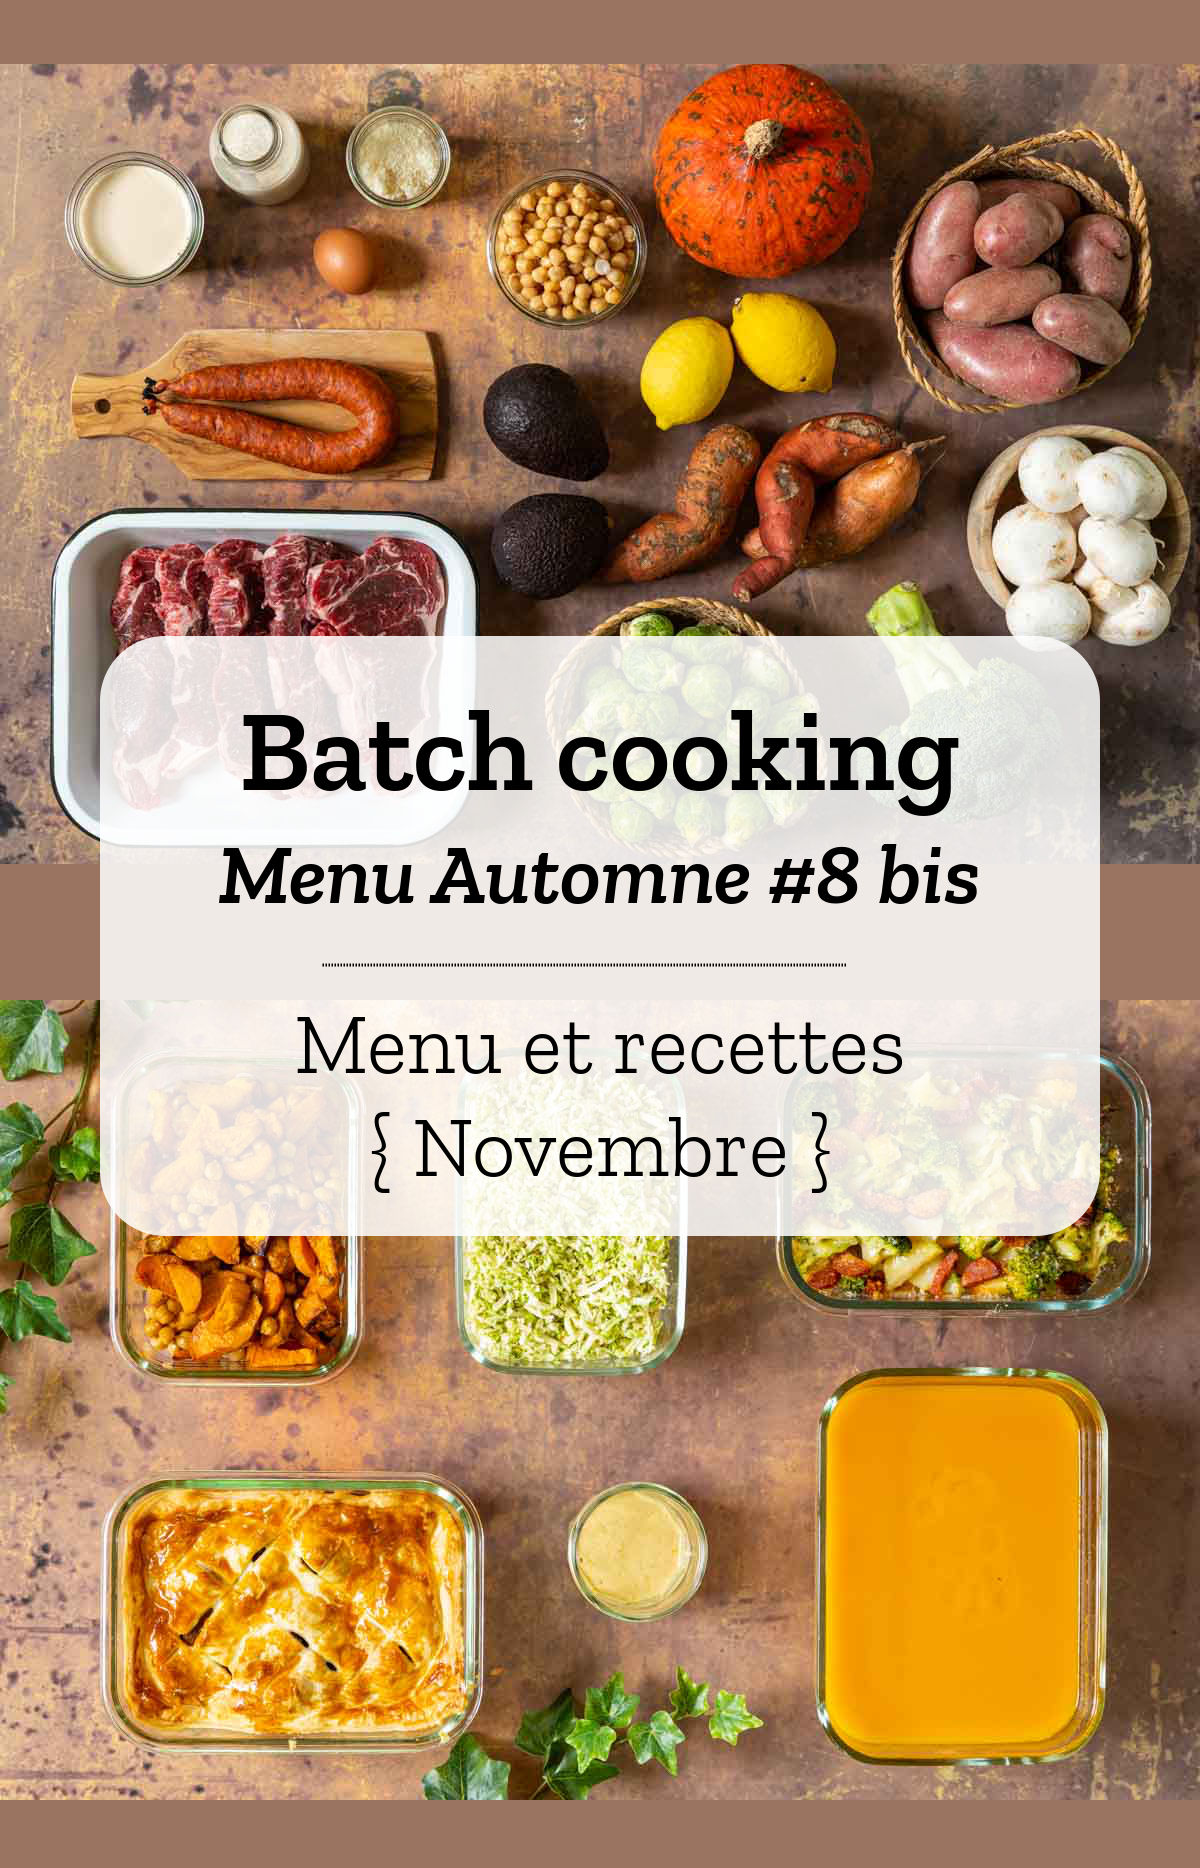 Batch cooking Automne #8 bis - Mois de Novembre 2020 - Semaine 46